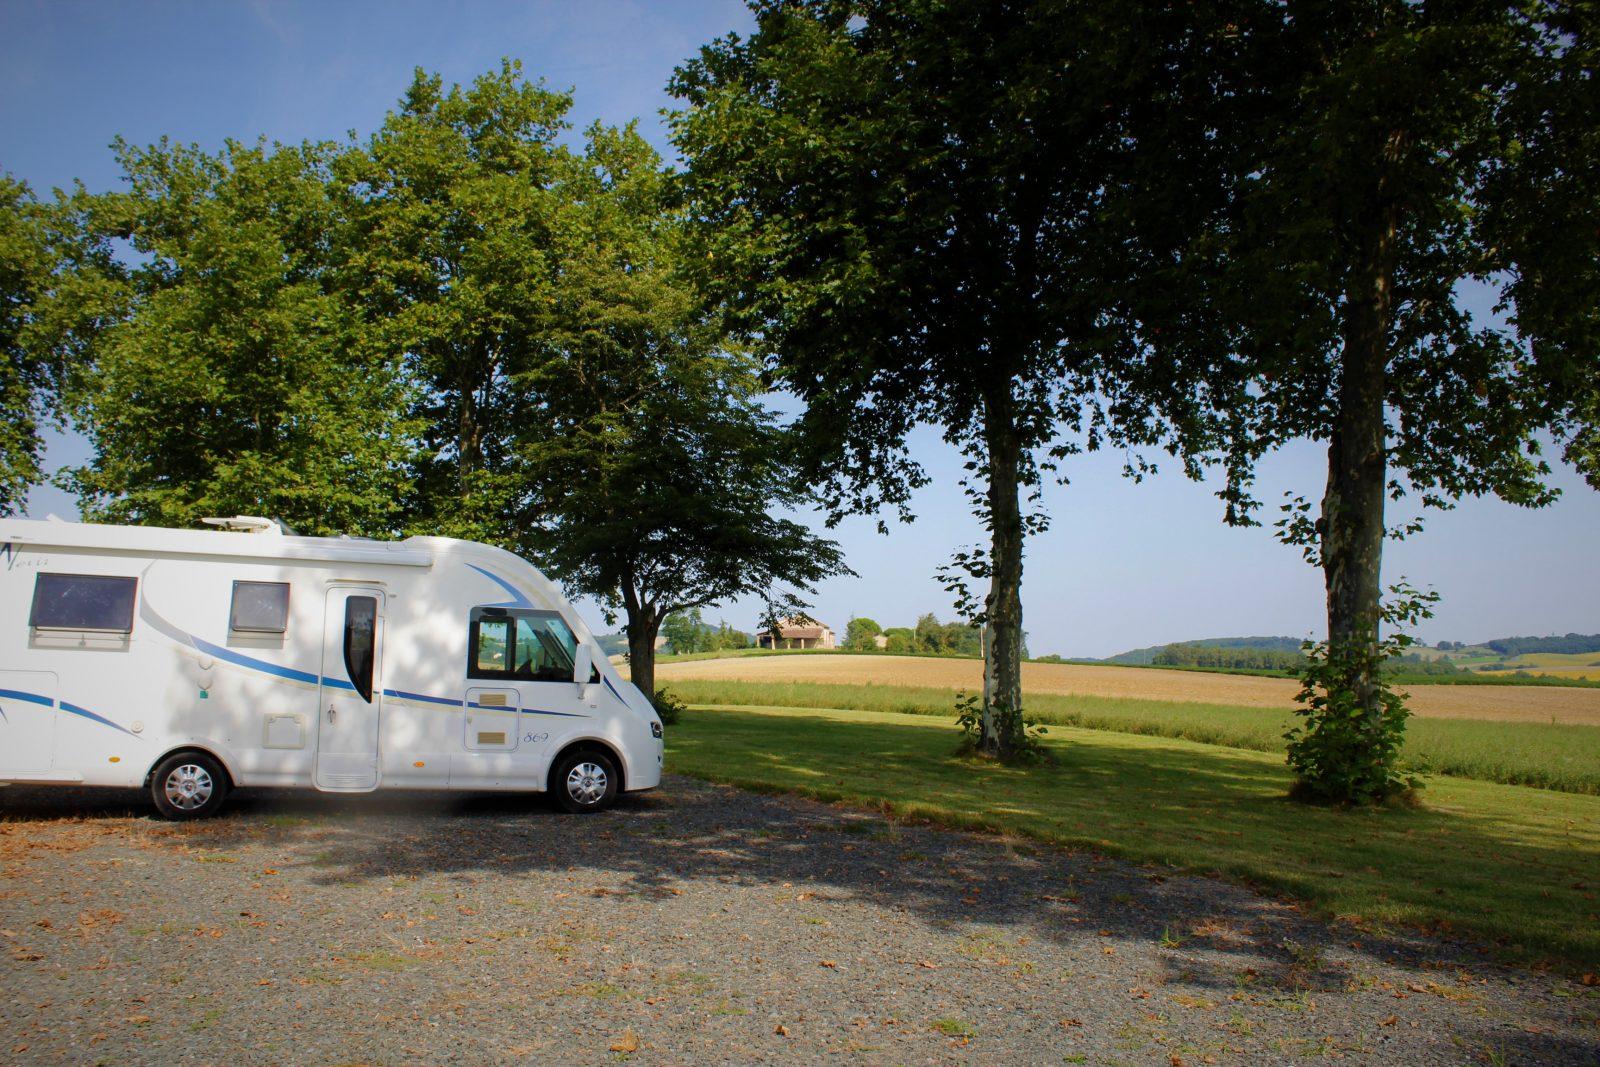 Aire de Stationnement Camping Car privée de Lautrec (Françoumas)